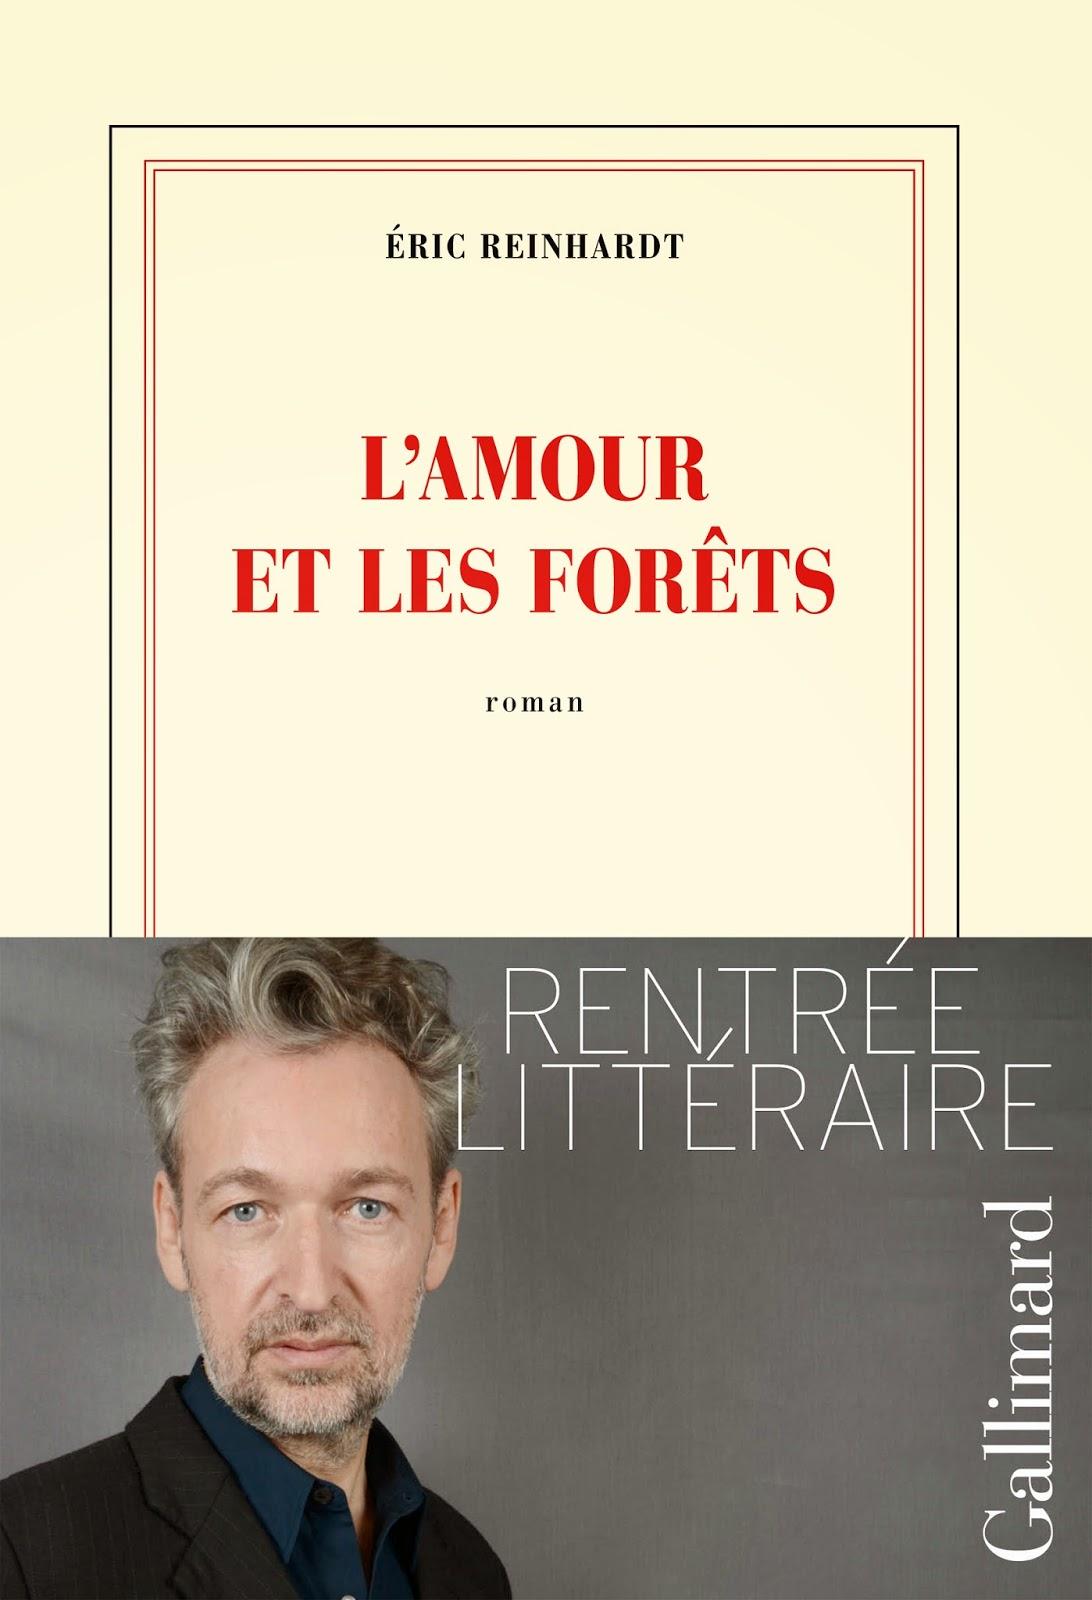 L'amour et les forêts - Eric Reinhardt